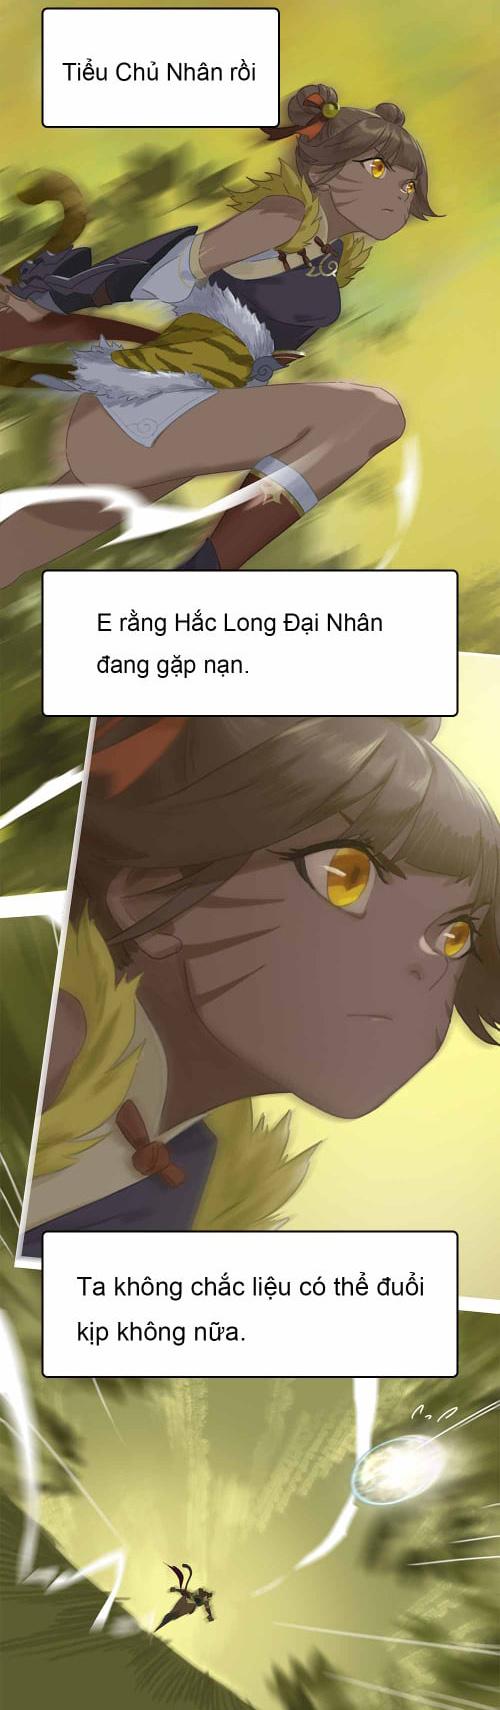 Bi su Vung Bi Dia Rong Than #3 Chuong 1 Hoi uc - Trang 2